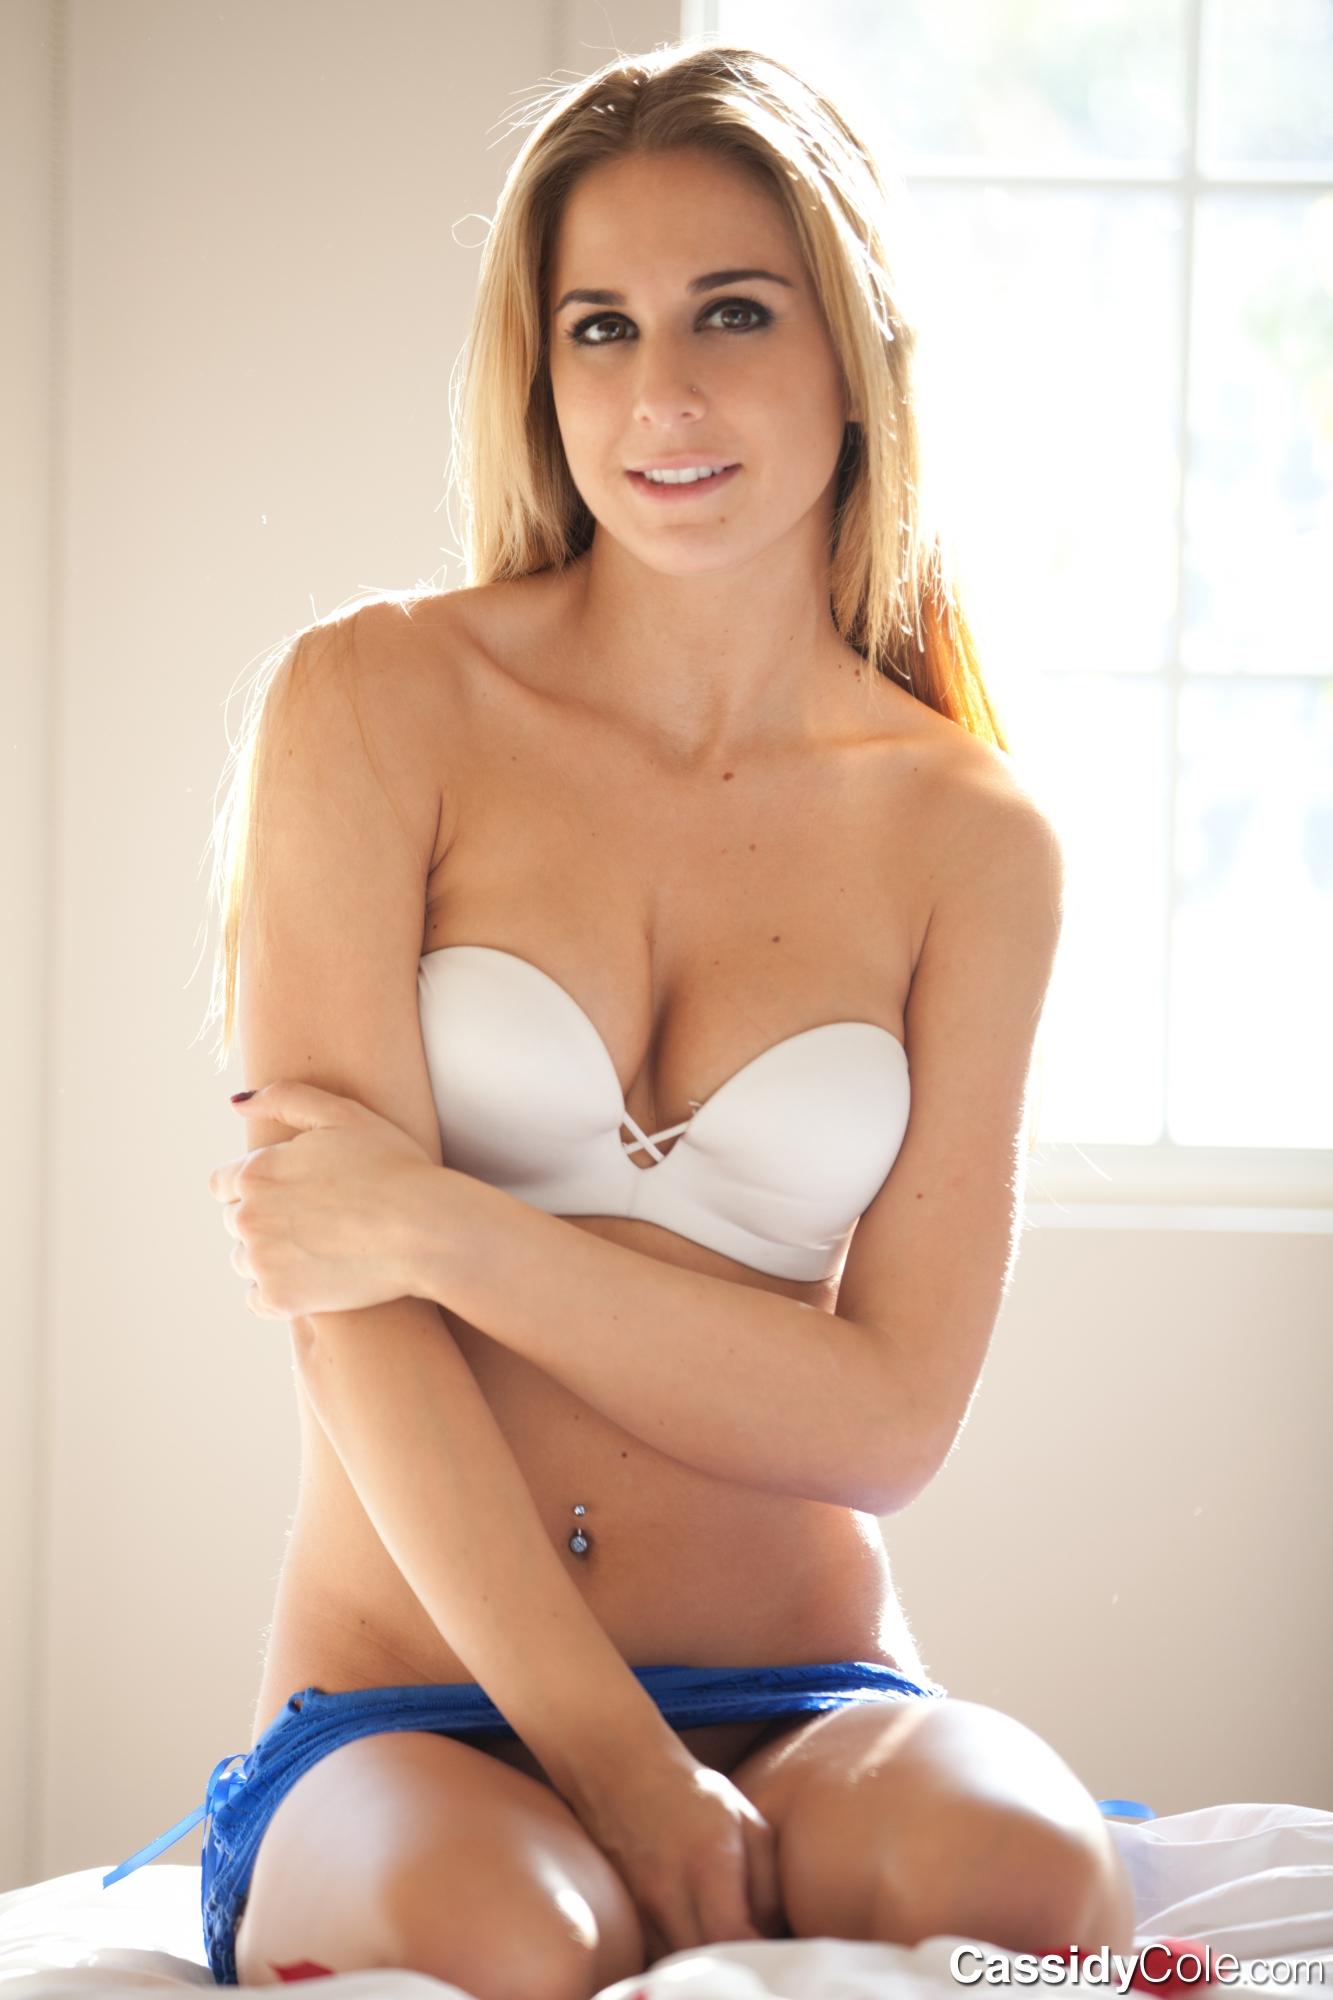 Cassidy Cole nude 586